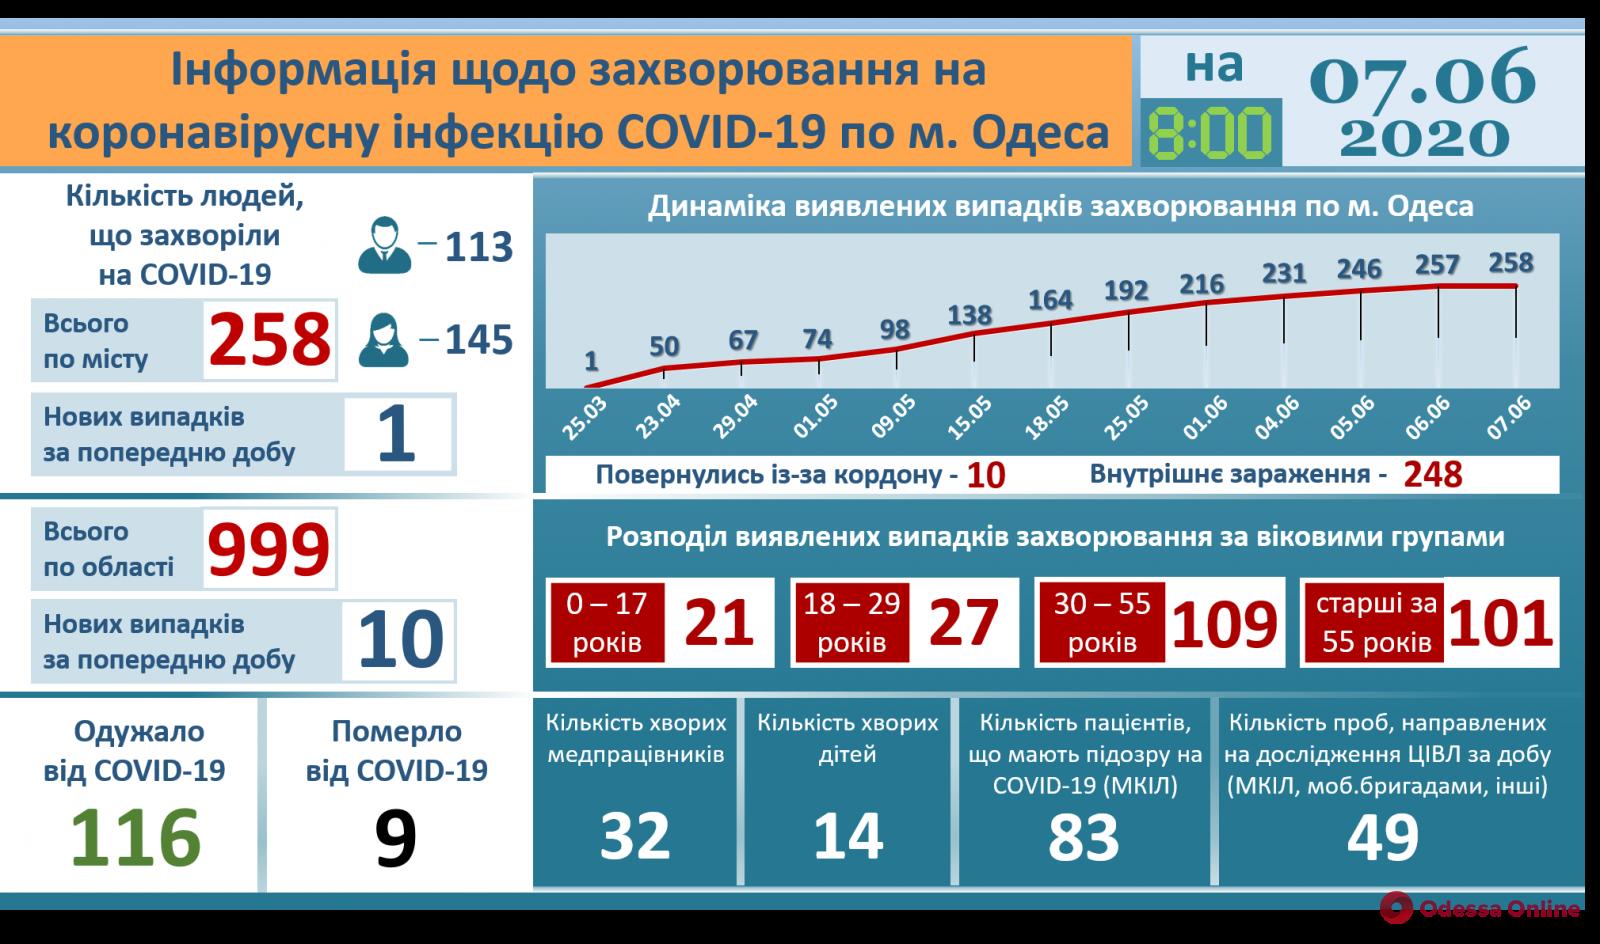 Одесская область: количество заболевших COVID-19 увеличилось до 999